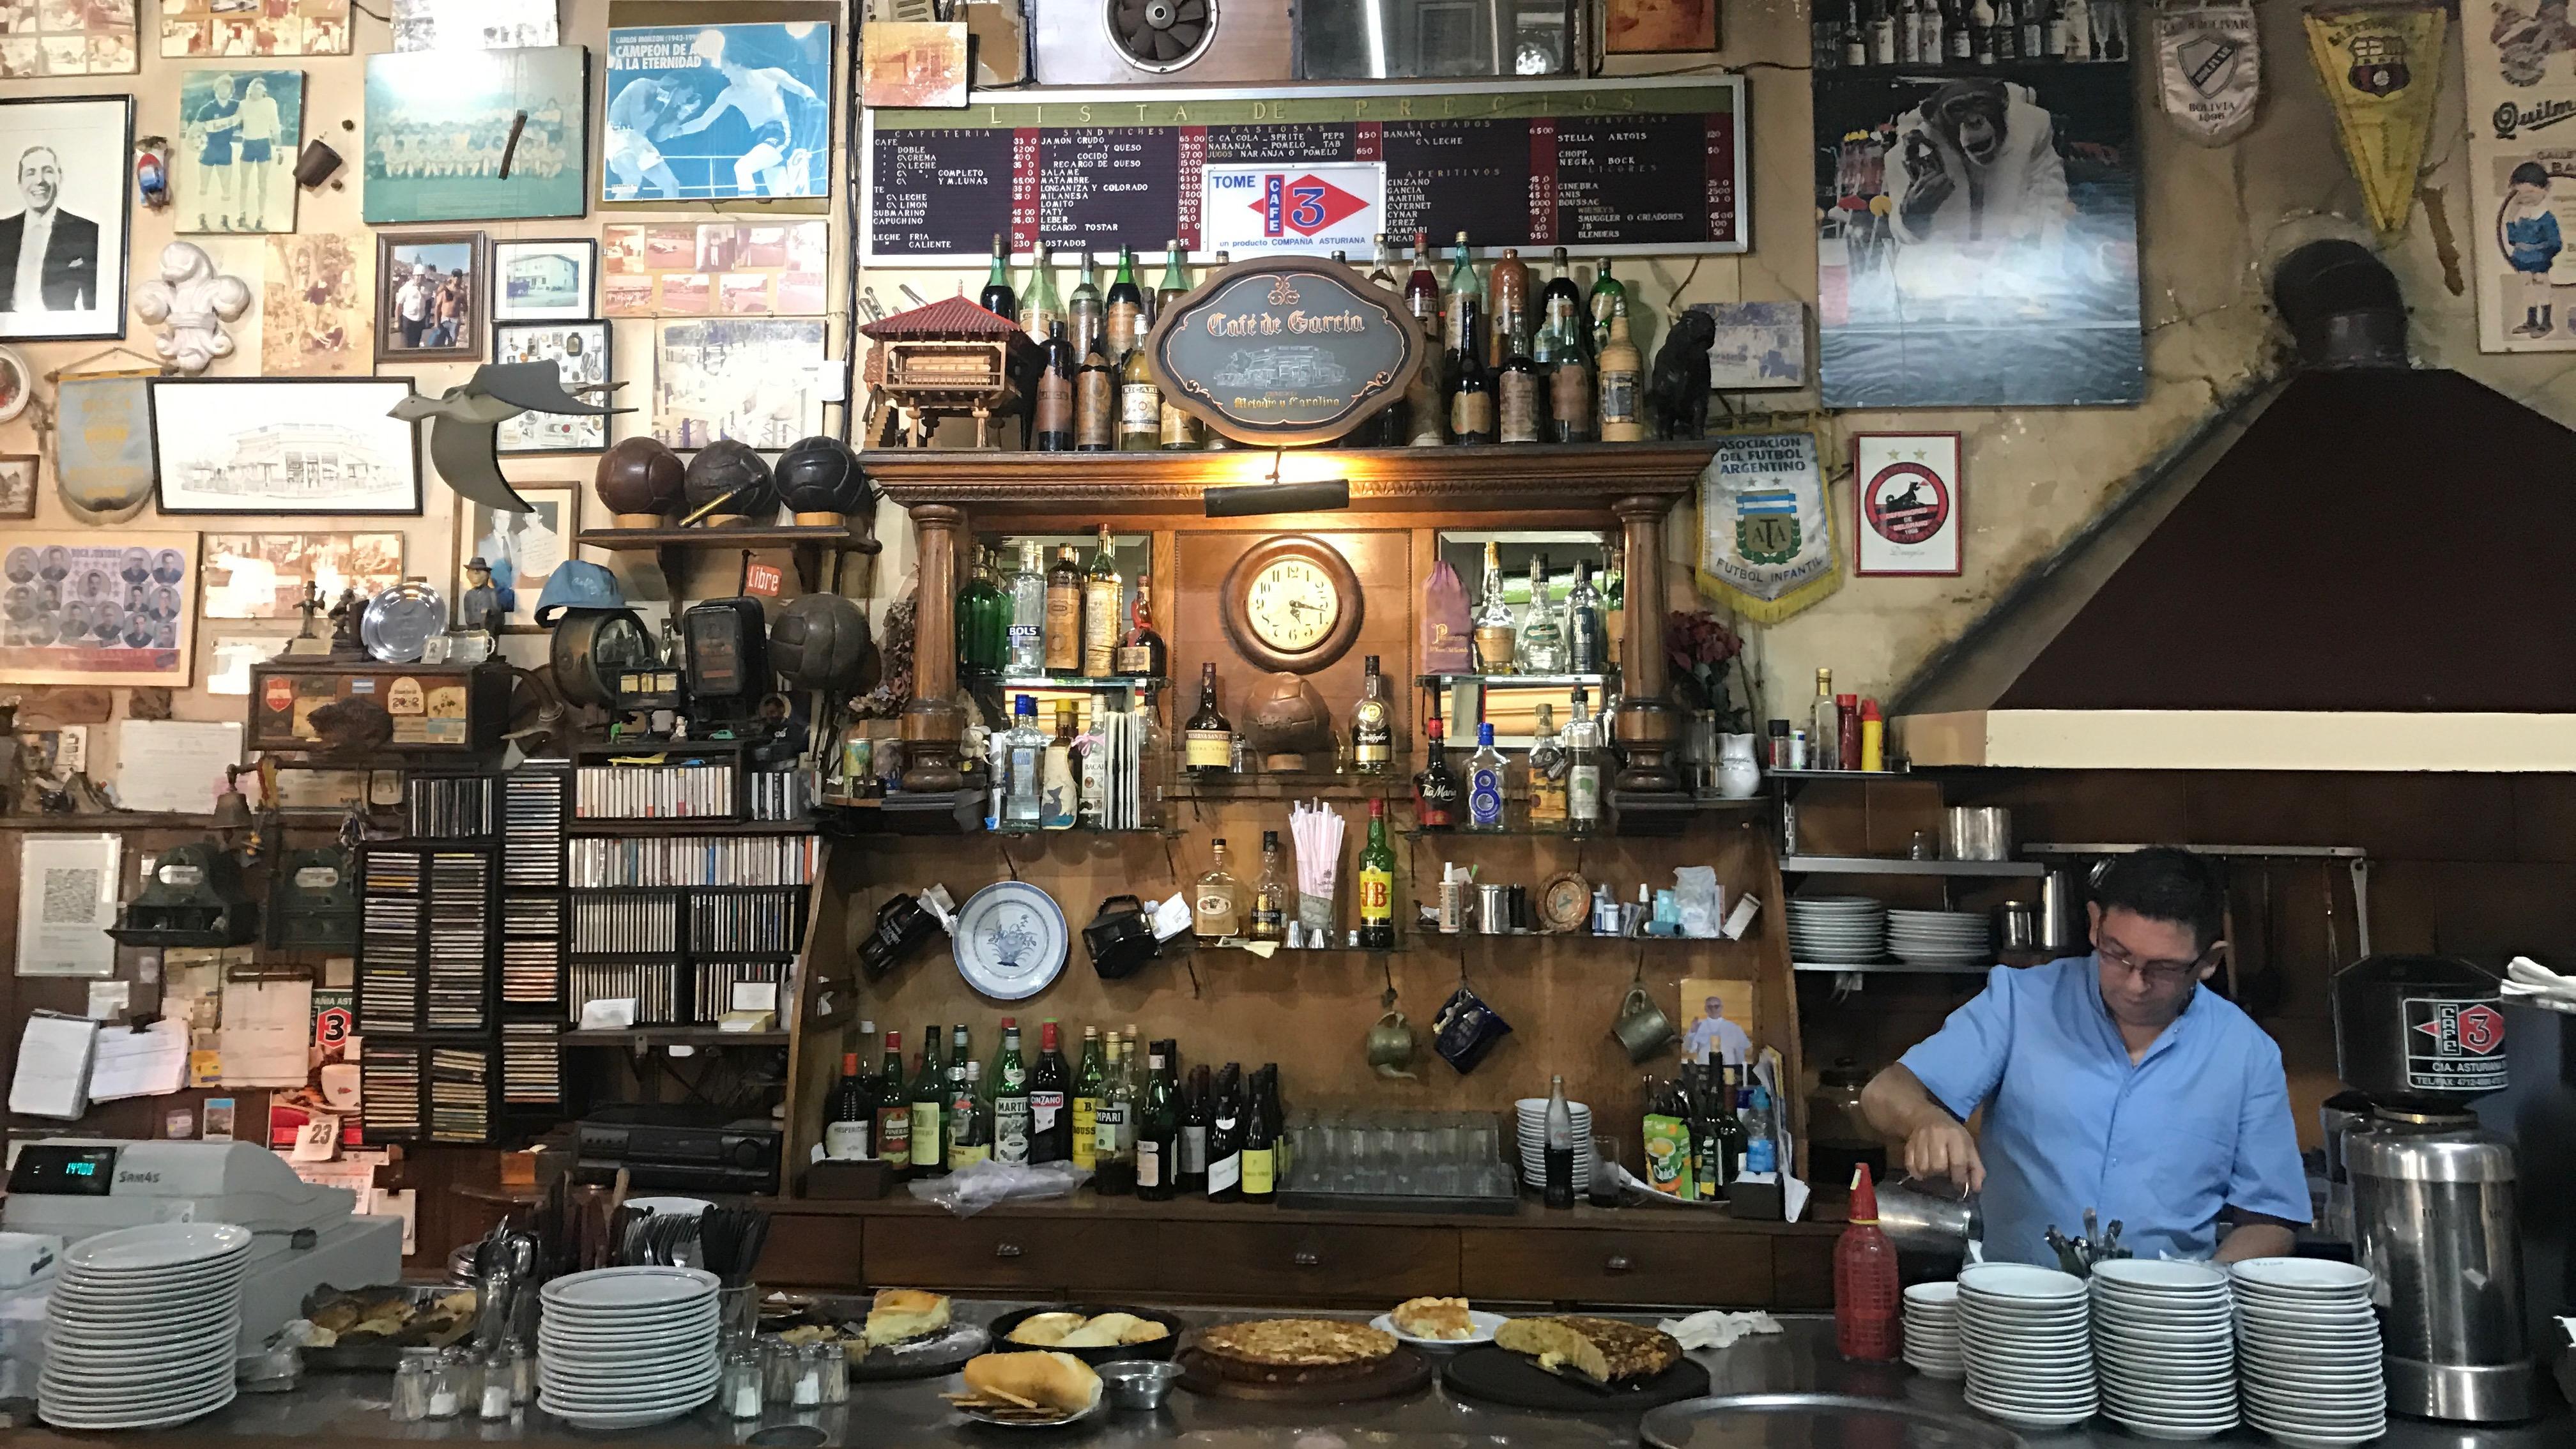 The bar at Café De Garcia.